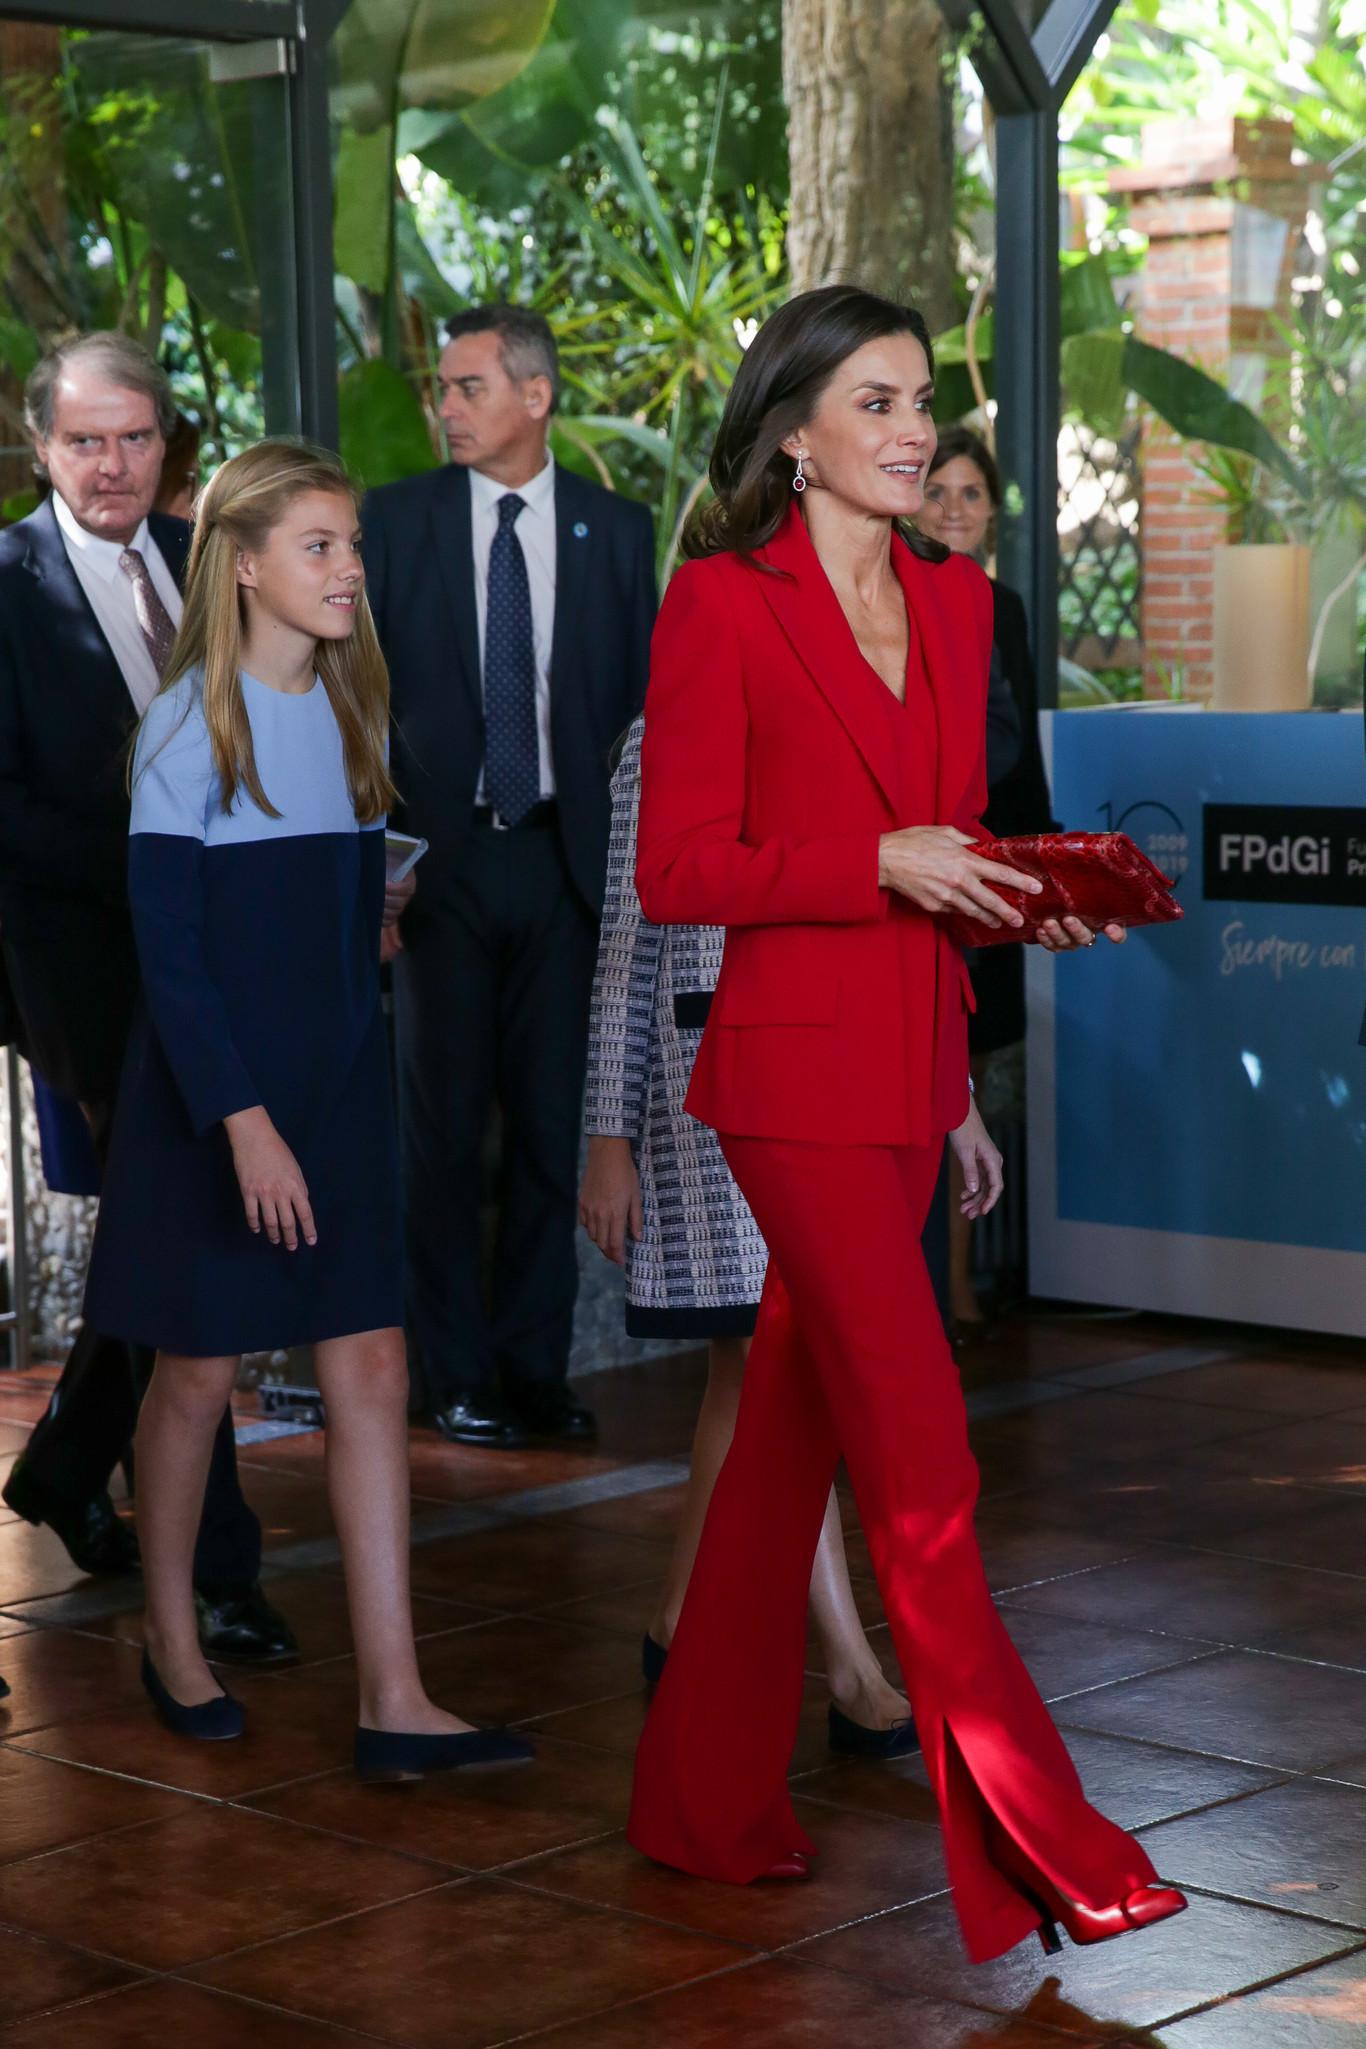 La reina Letizia de rojo y la princesa Leonor de tweed azul en los Premios Princesa de Girona